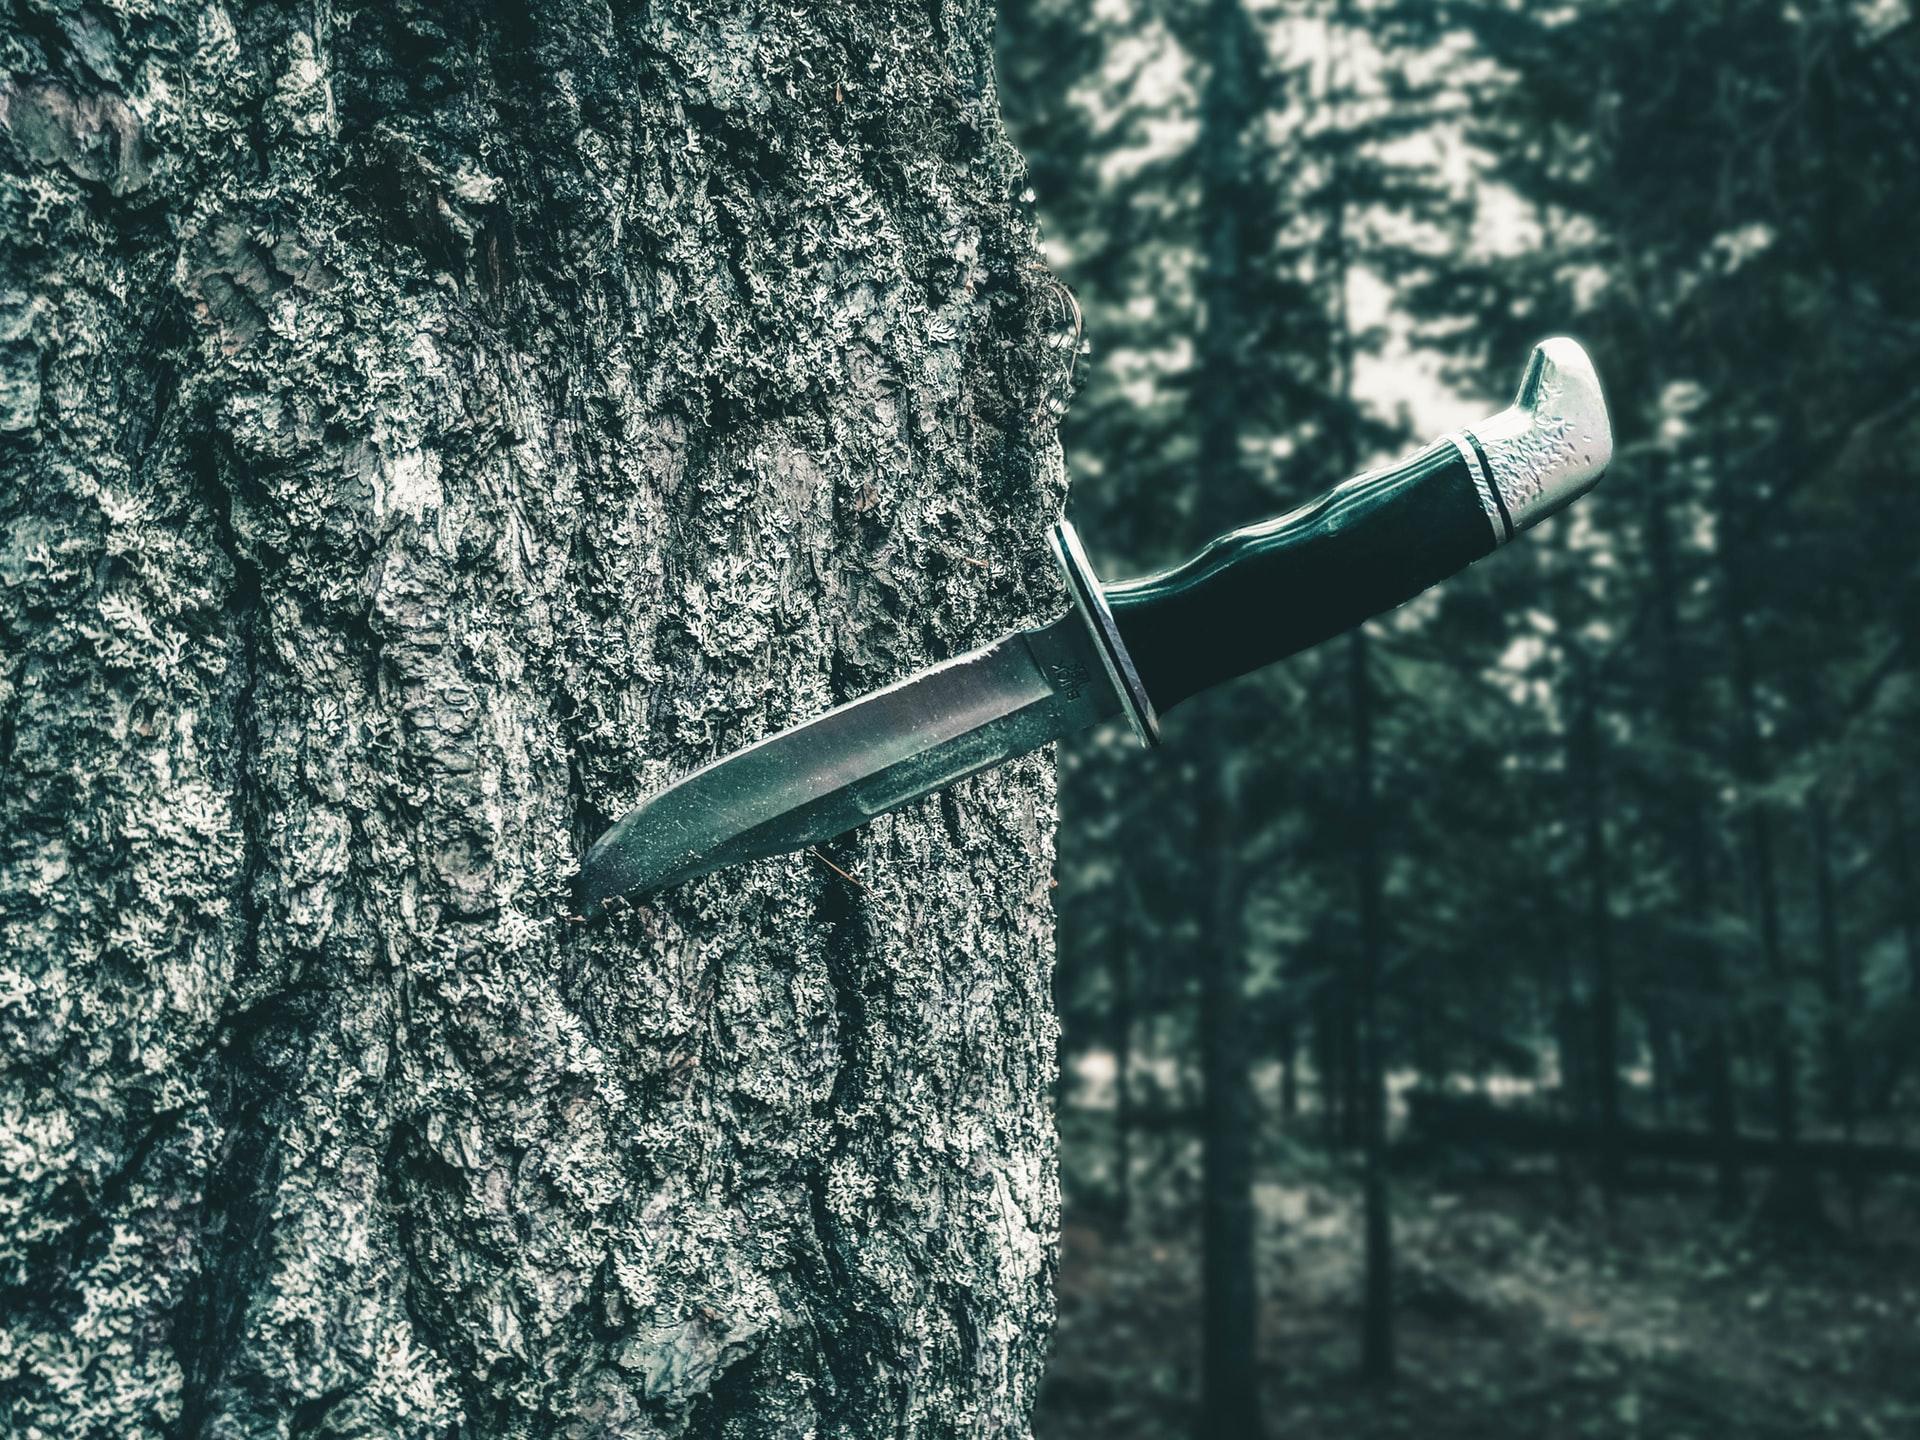 Nôž v kmeni stromu